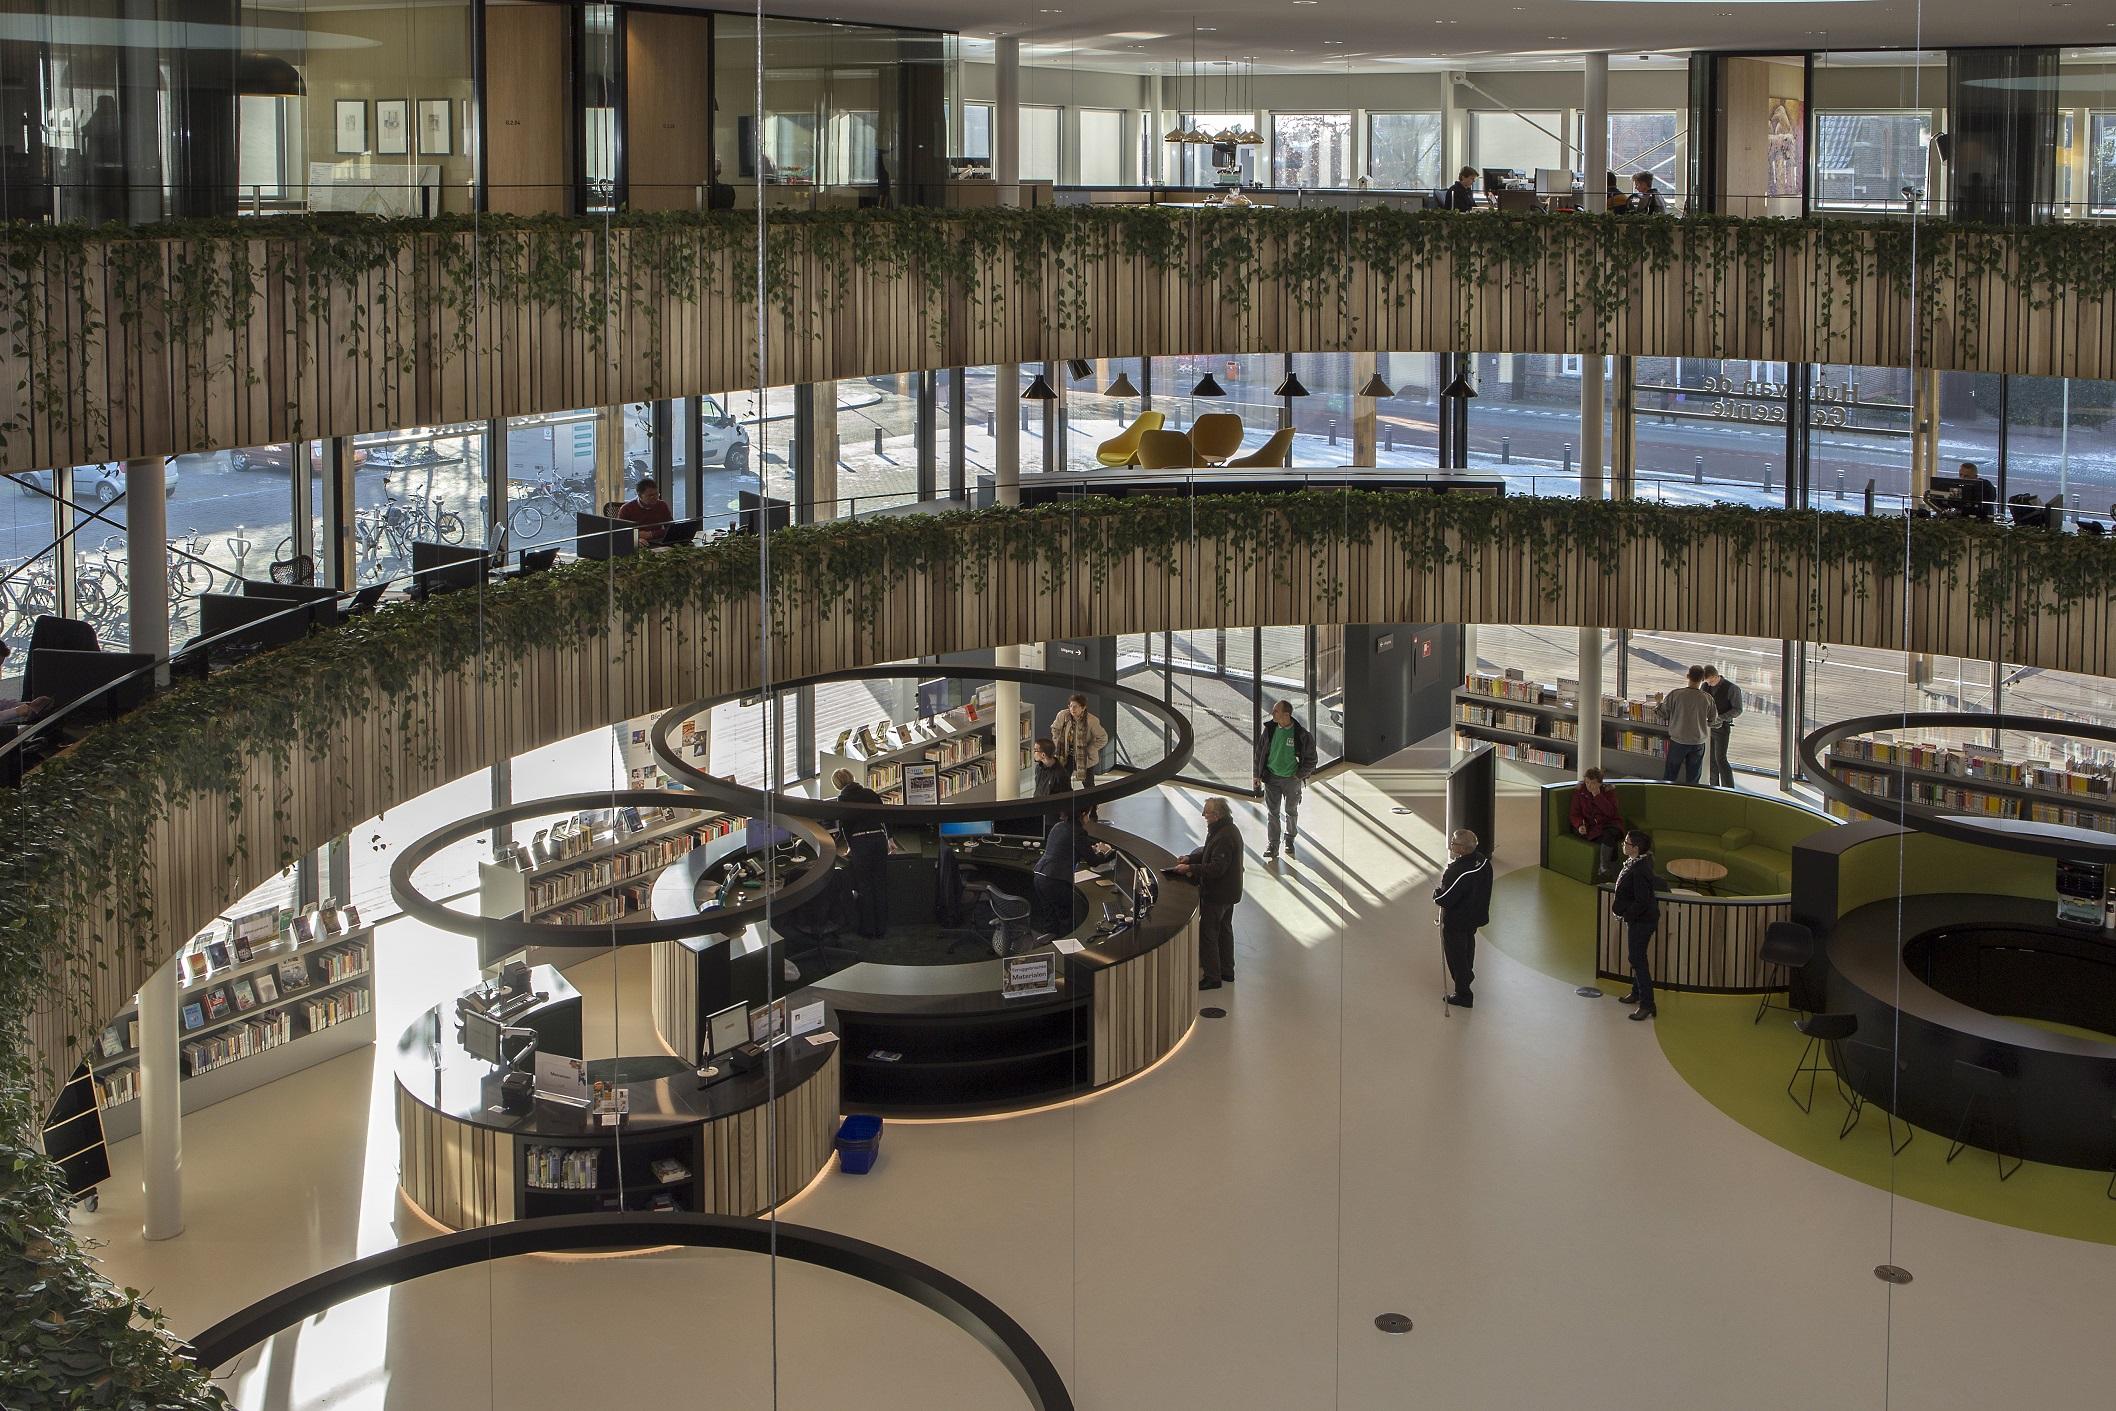 Meest energieopwekkende gemeentehuis 2016 staat in panningen ...